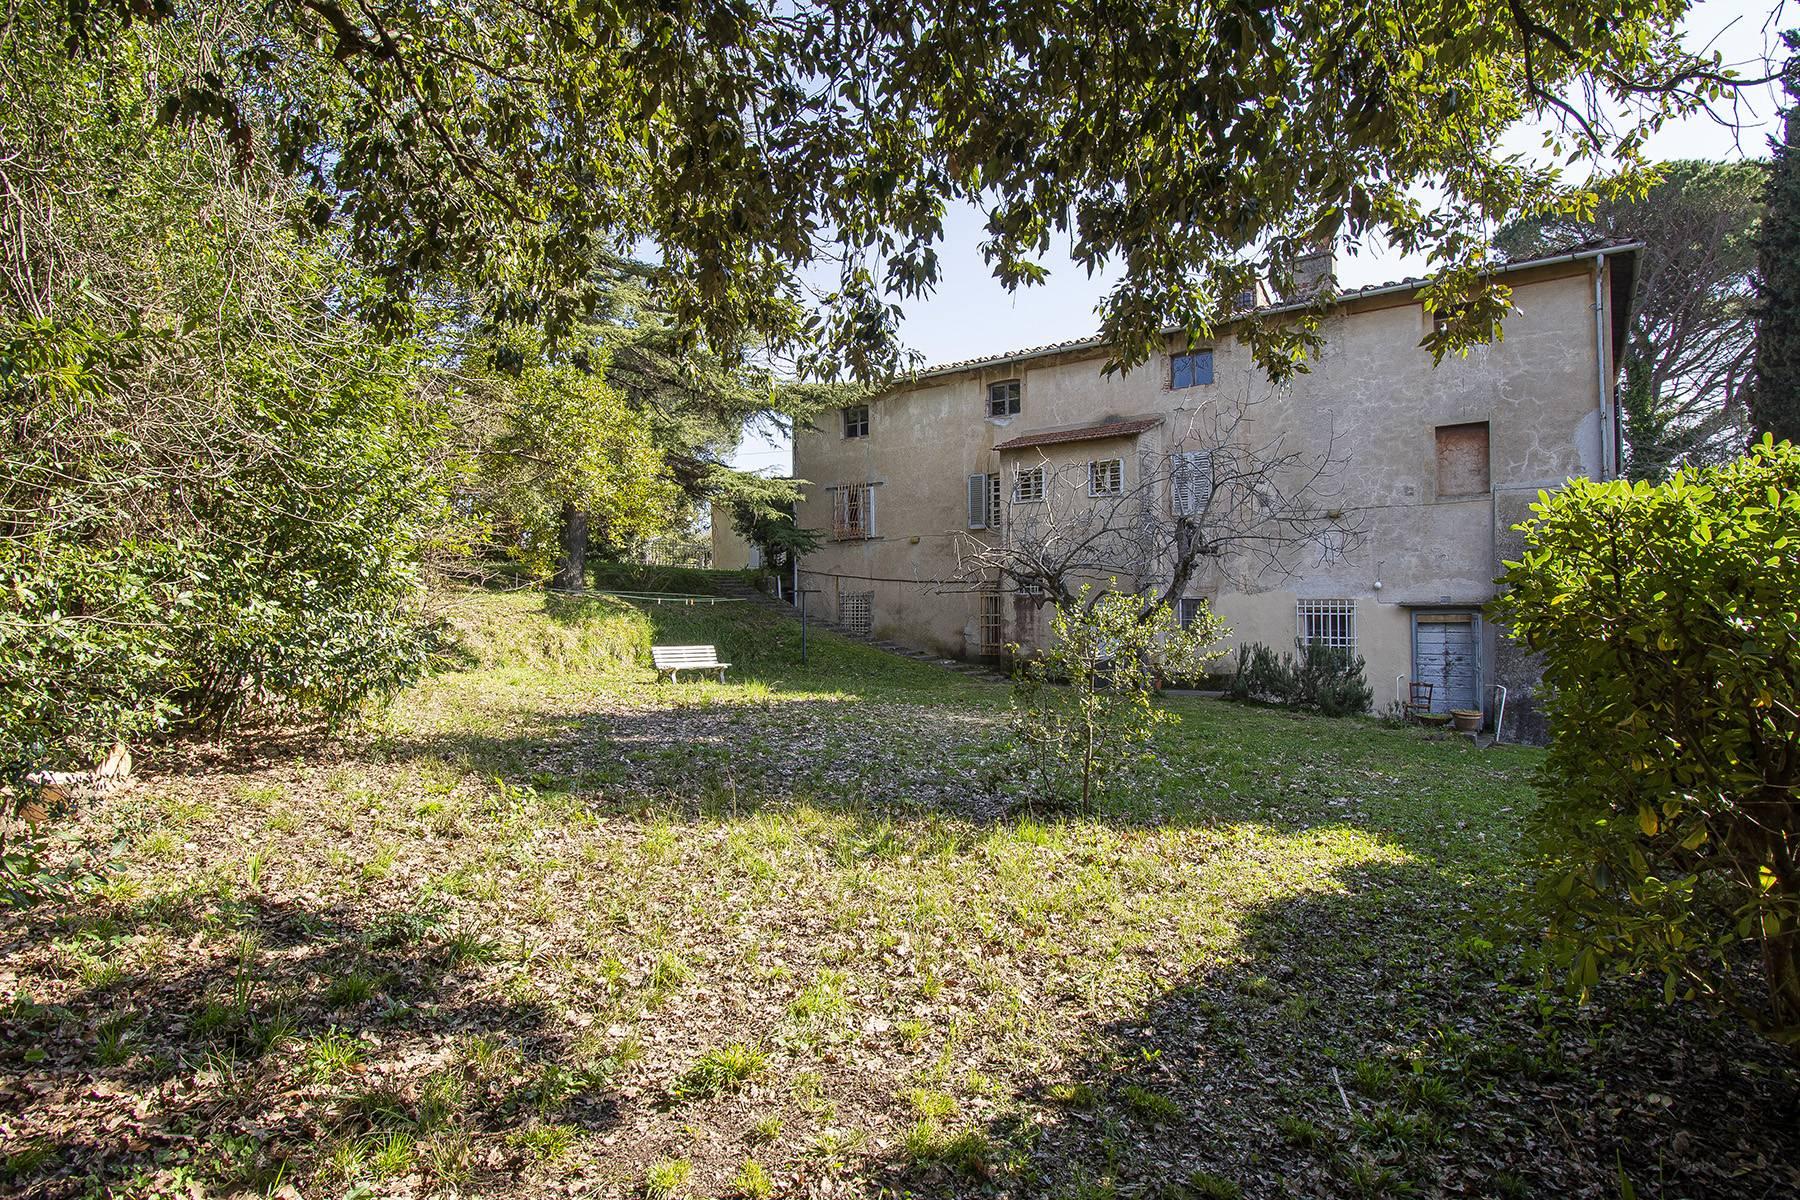 Villa in Vendita a Vecchiano: 5 locali, 900 mq - Foto 26